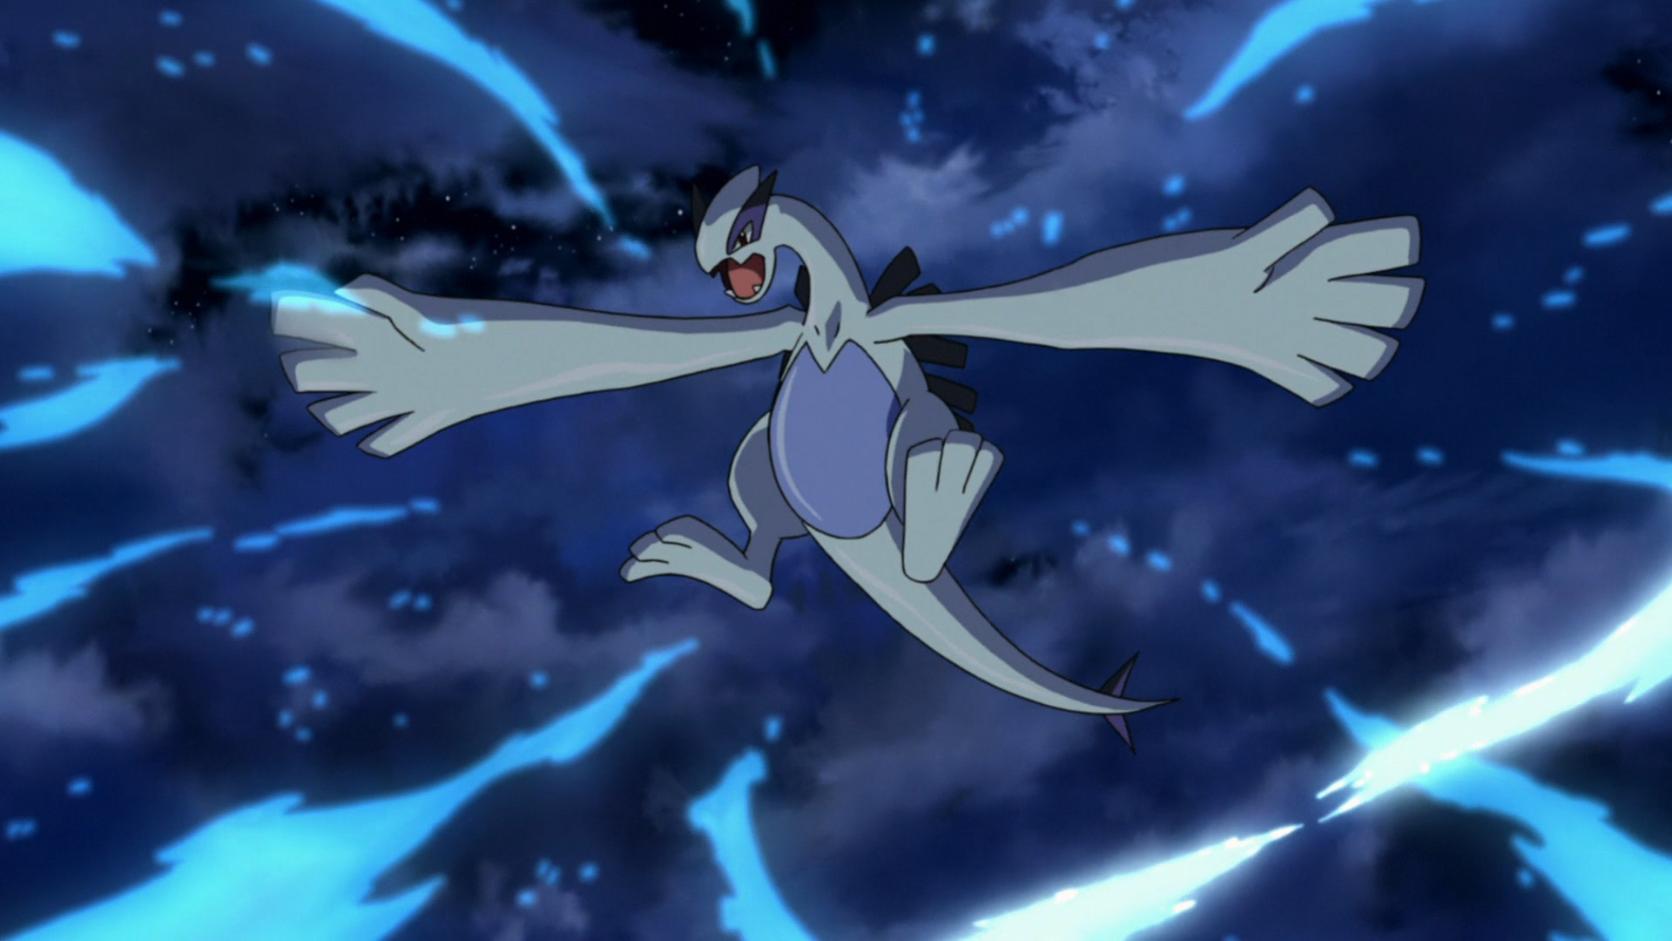 Lugia Ms018 Pokémon Wiki Fandom Powered By Wikia